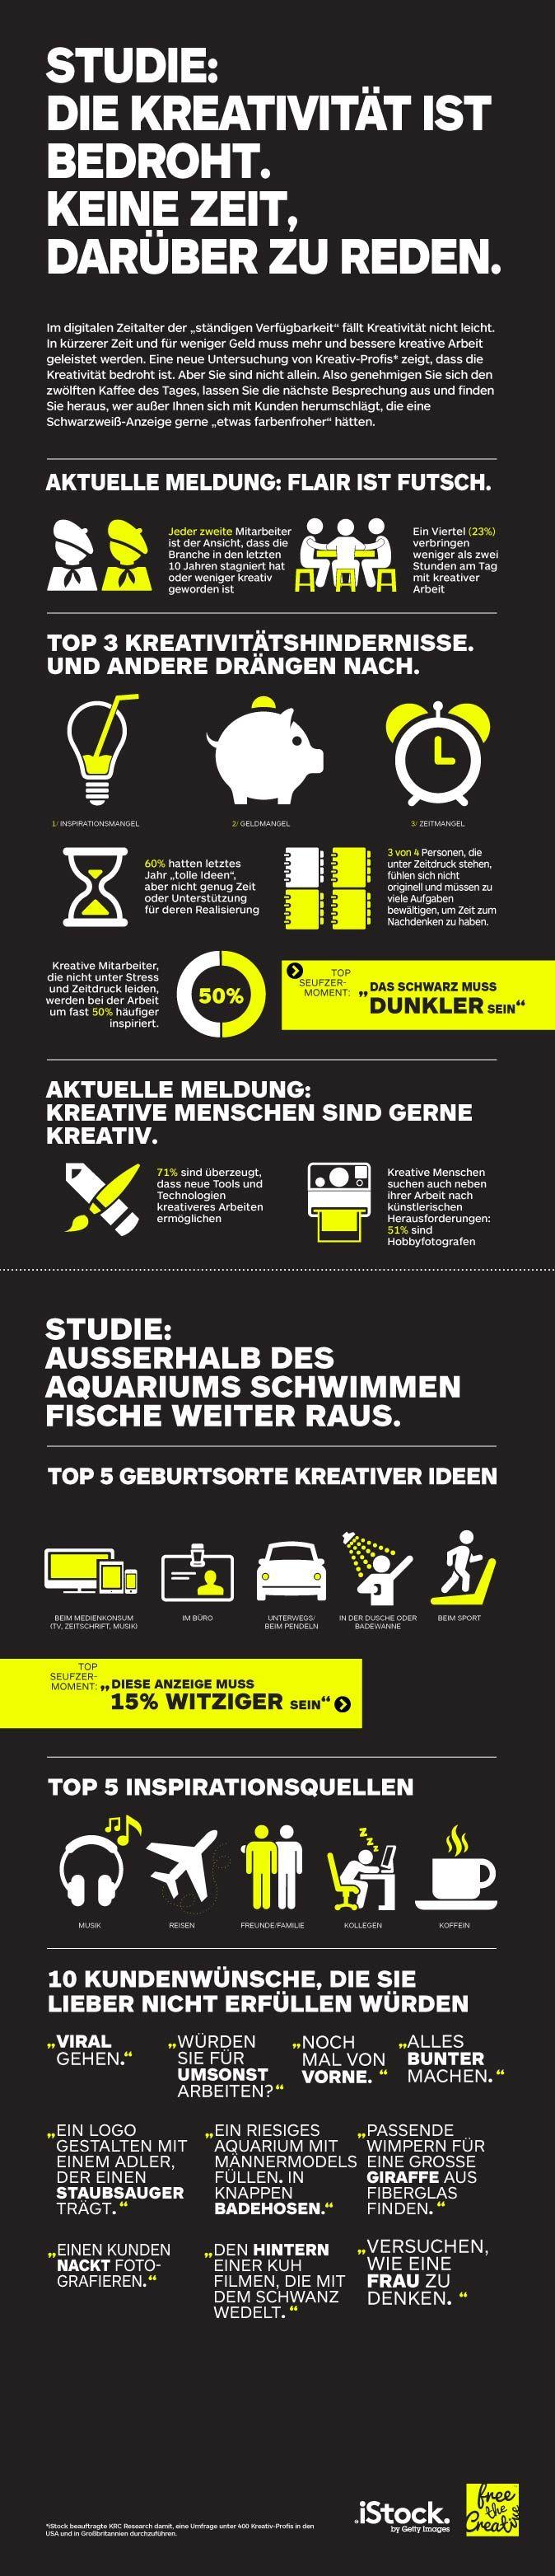 Kreativität heute: Infografik